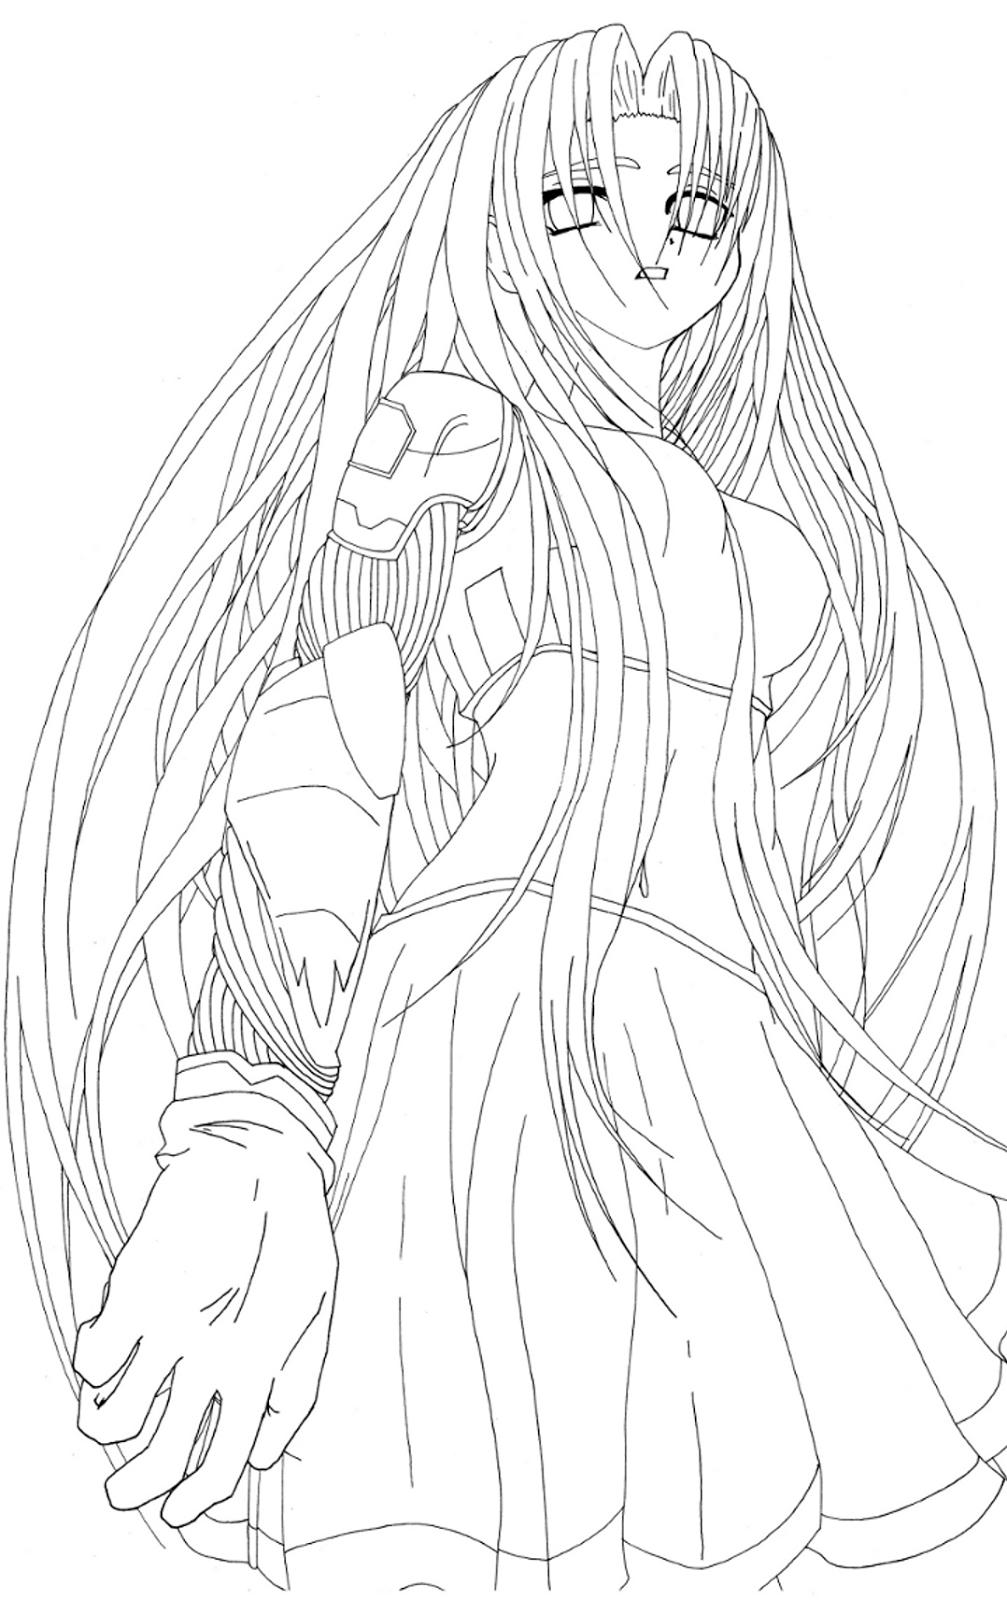 comment dessiner des cheveux manga